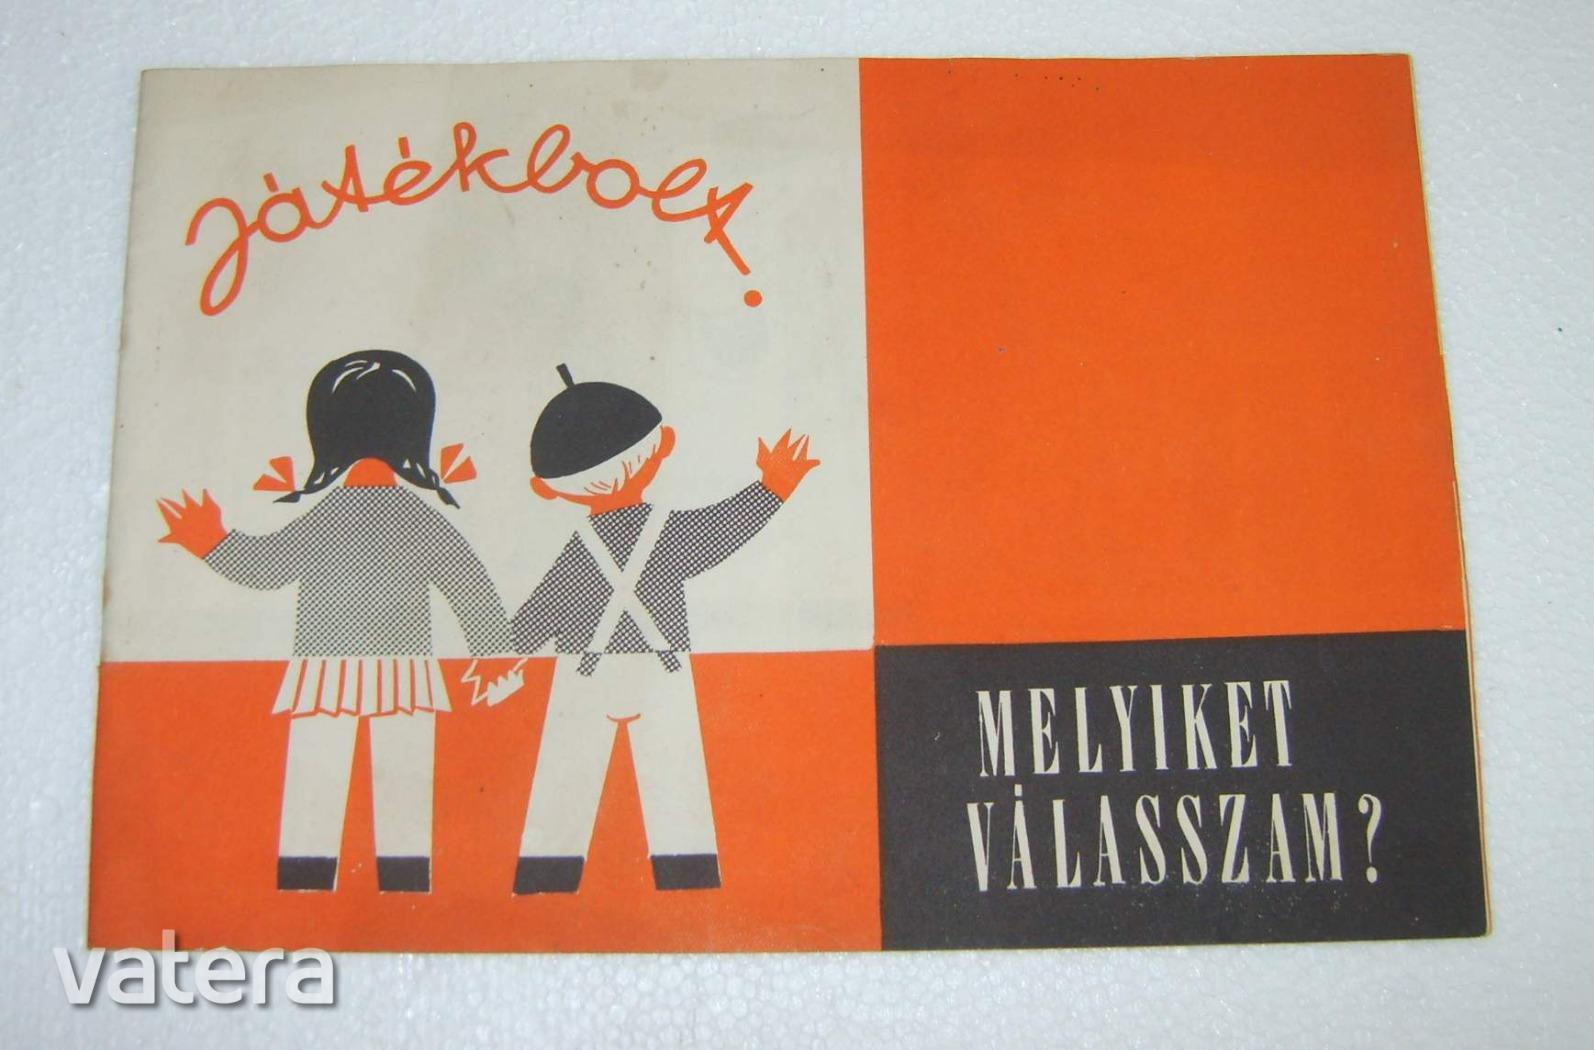 jatekbolt-jatek-katalogus-1965-rajzos-a85a_1_big.jpg